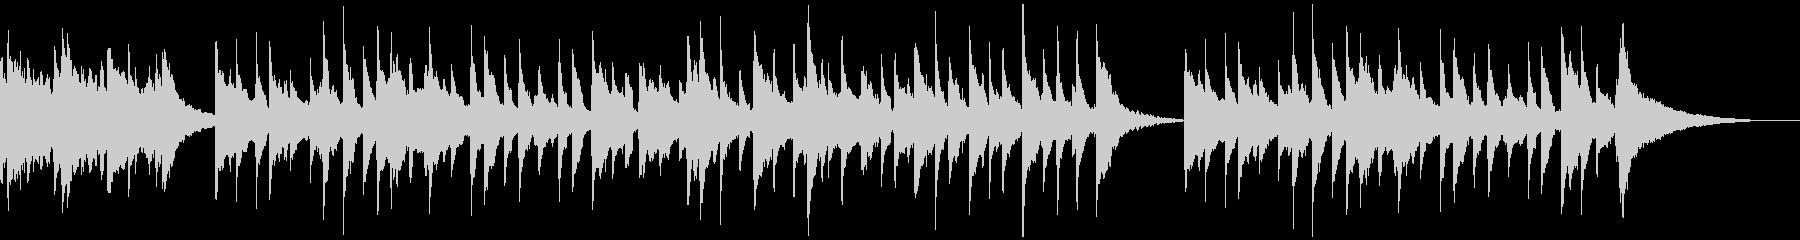 生演奏/バラード/クラシックギターの独奏の未再生の波形